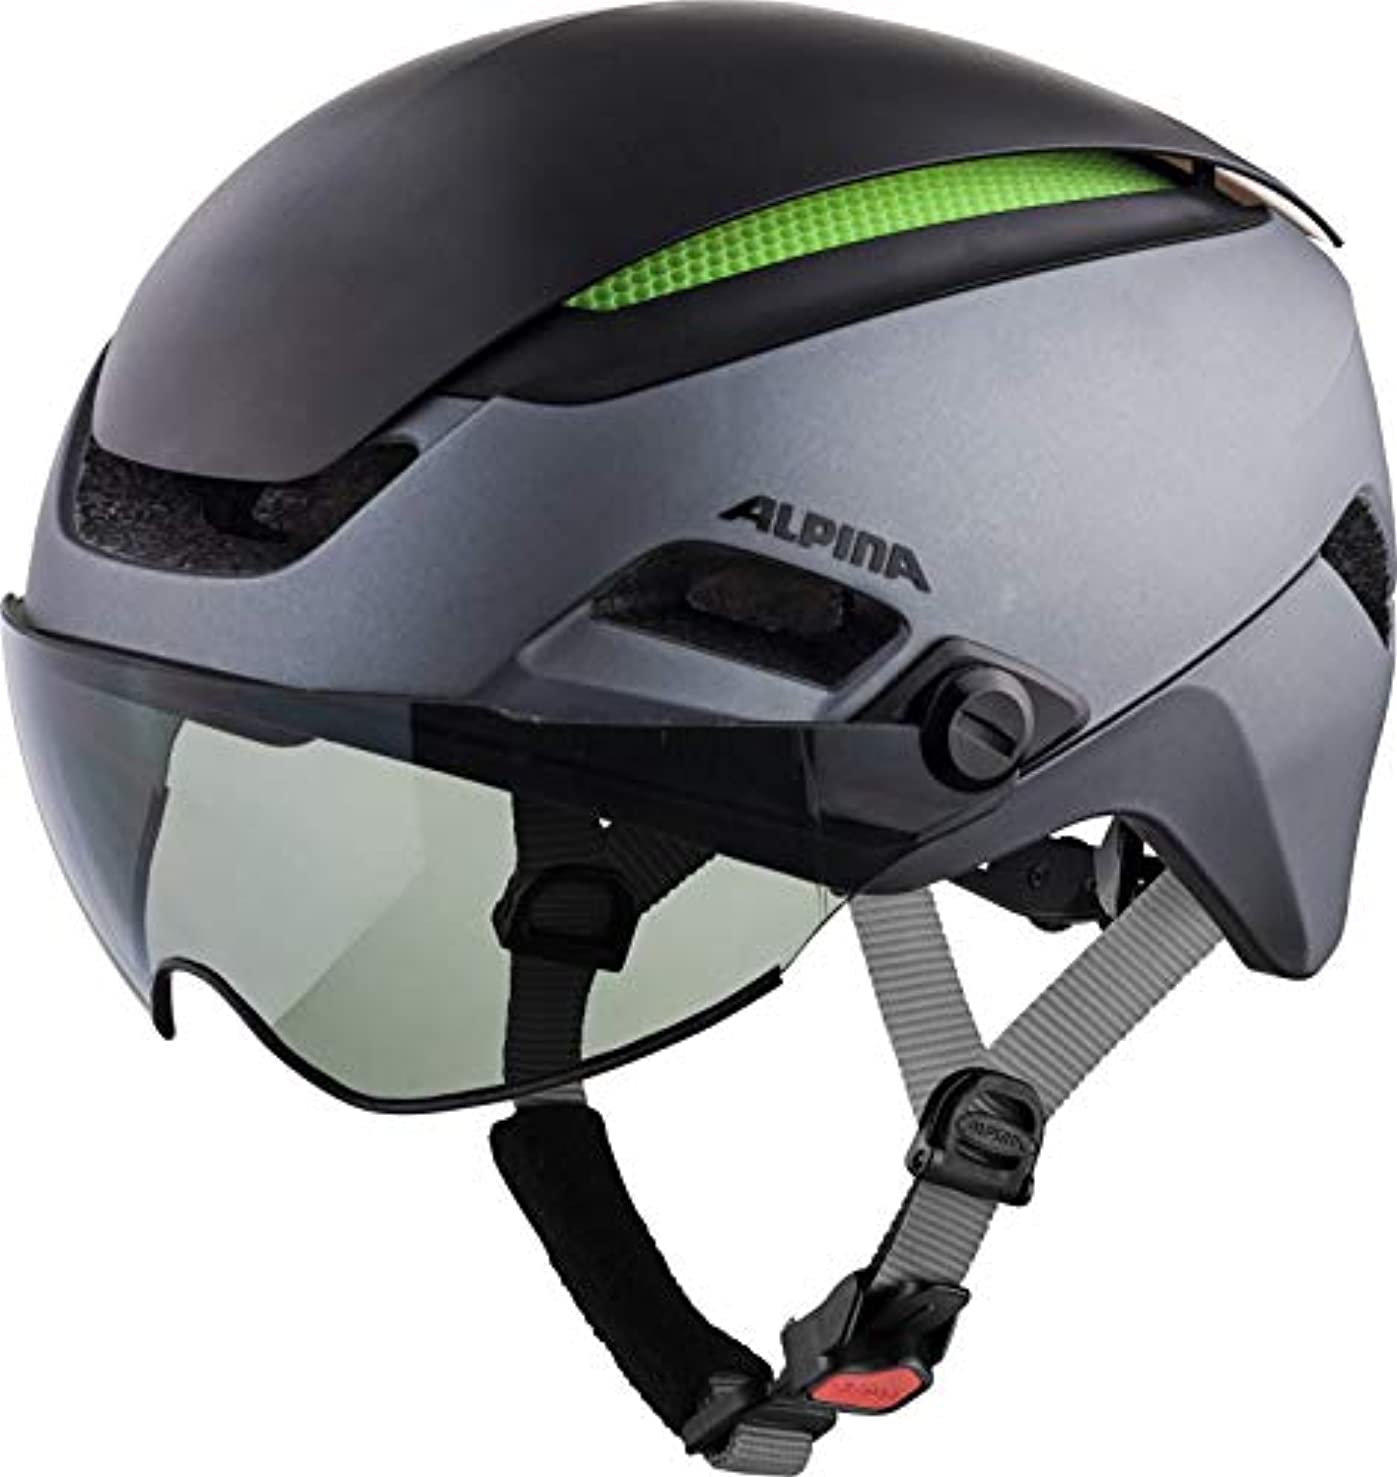 カウンターパート創傷スツールALPINA(アルピナ) ヘルメット ALTONA VM 調光レンズバイザー付 チャコール/アンスラサイト 57-62